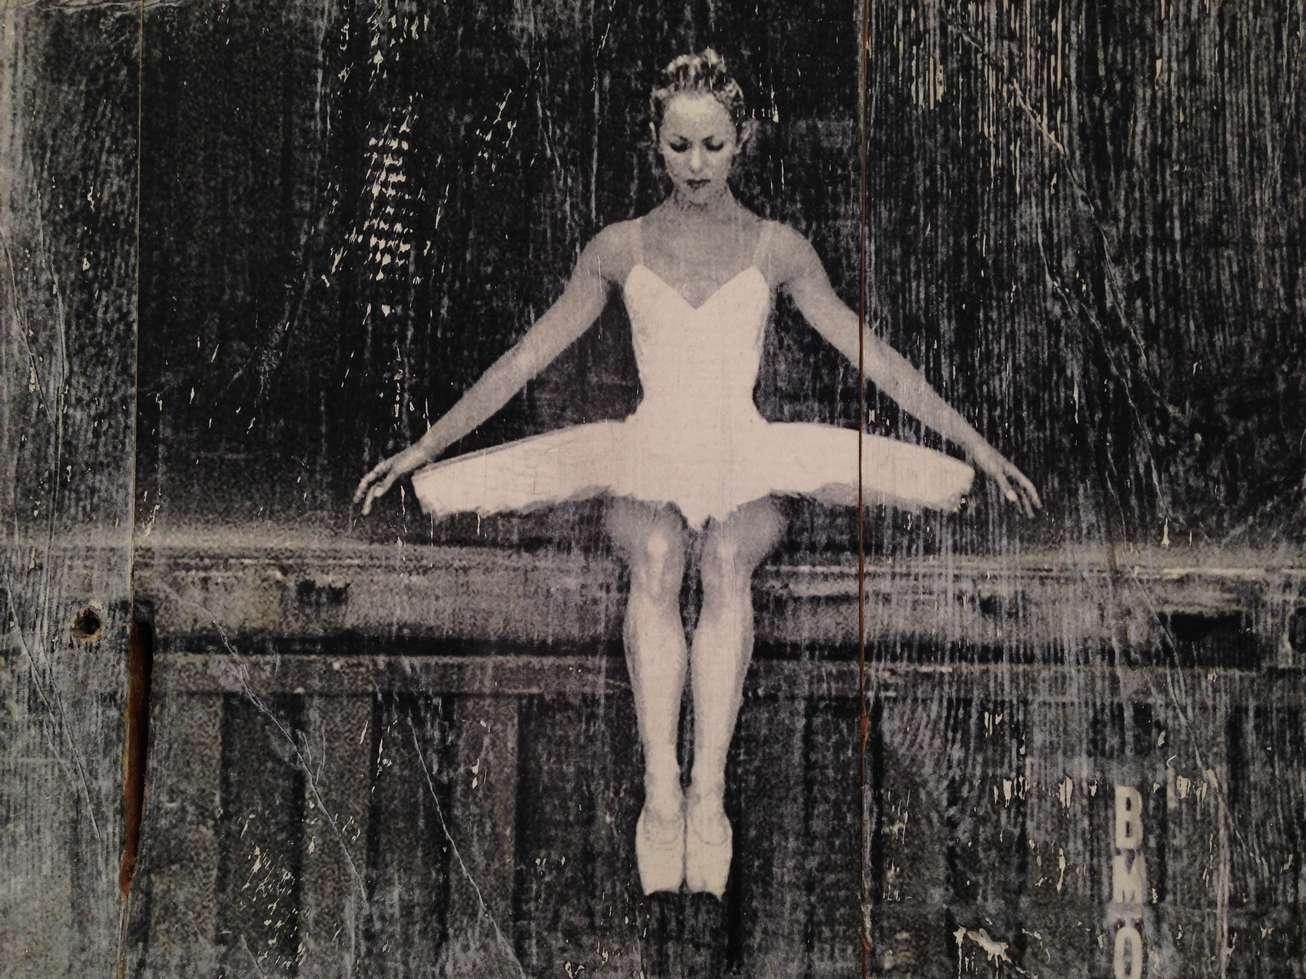 jr-opera-garnier-paris-ballet-corps-danseur-danseuse-galerie-perrotin-restaurarte-restauration-art-contemporain-decade.jpg